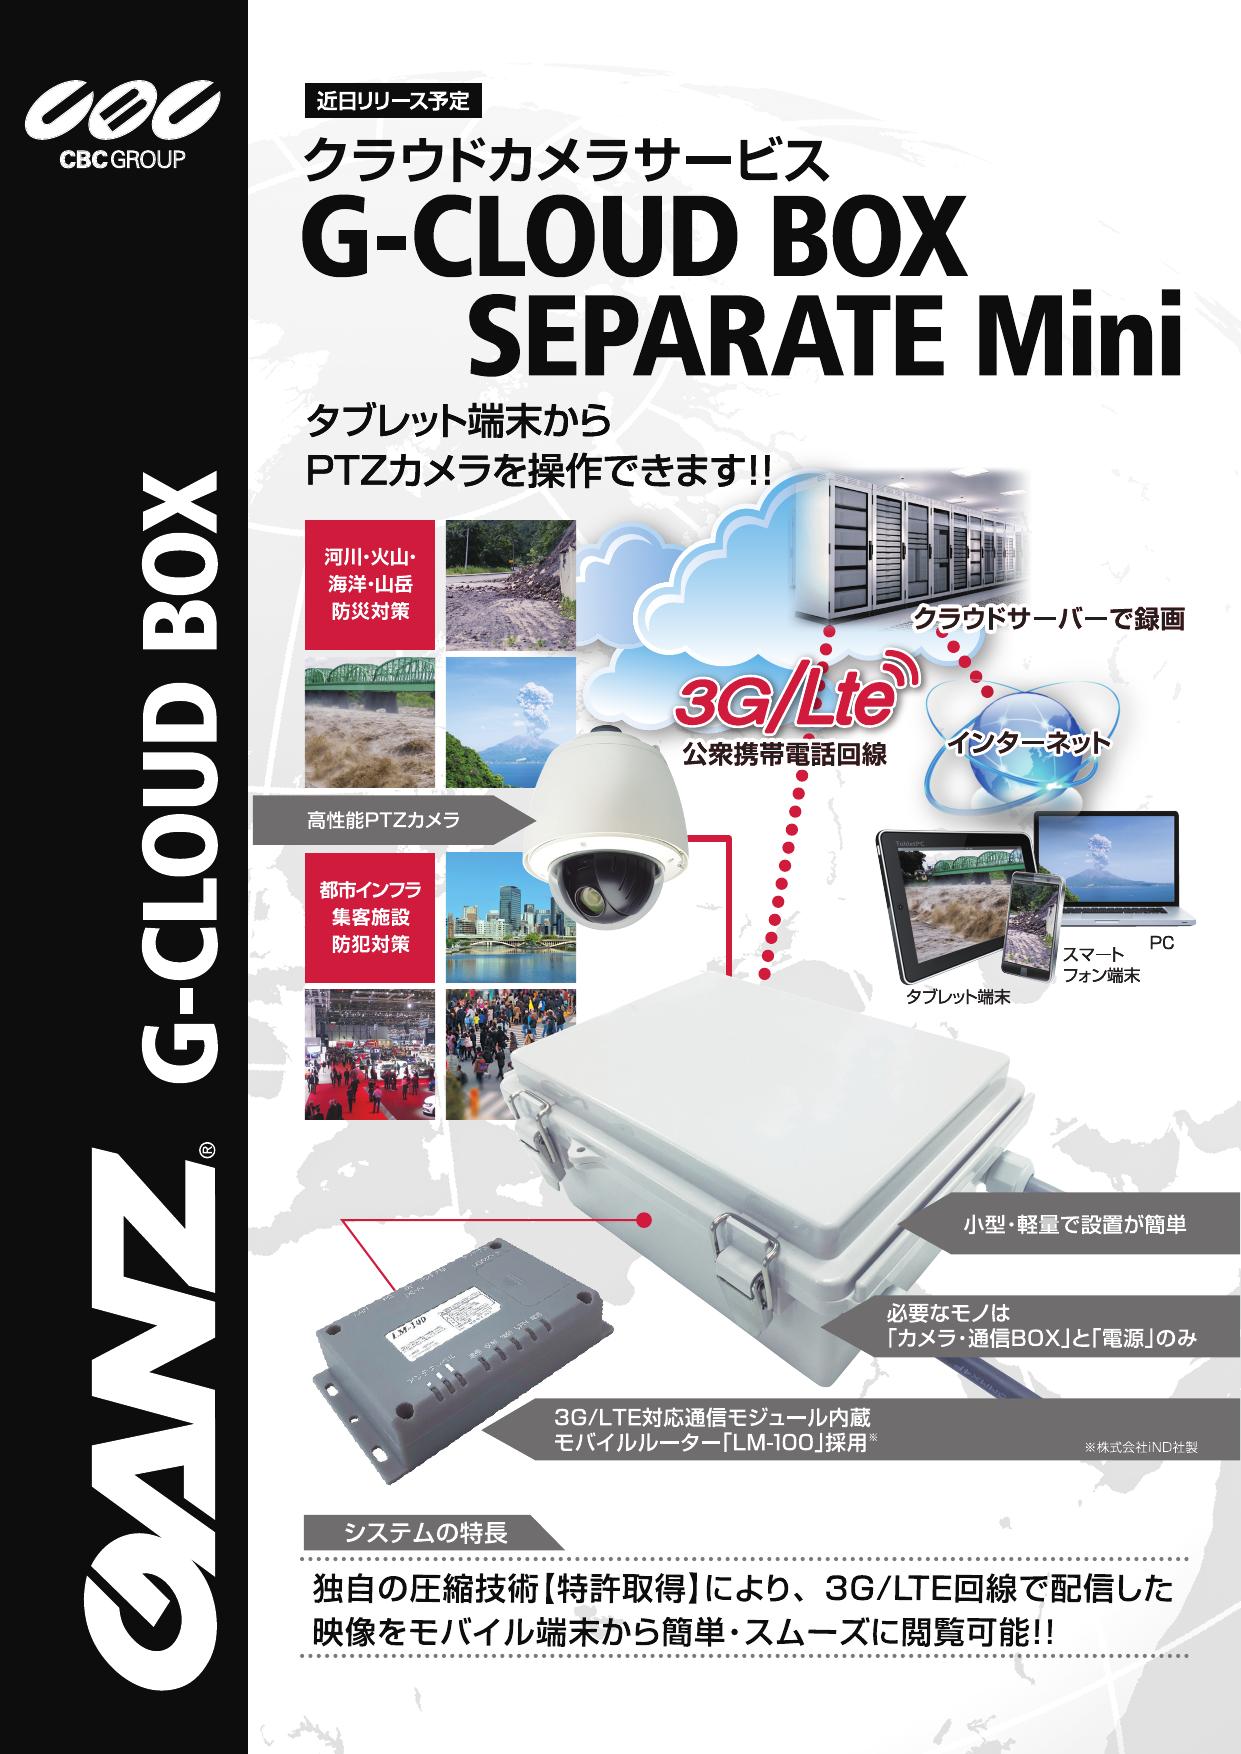 クラウドカメラサービス G-CLOUD BOX SEPARATE Mini